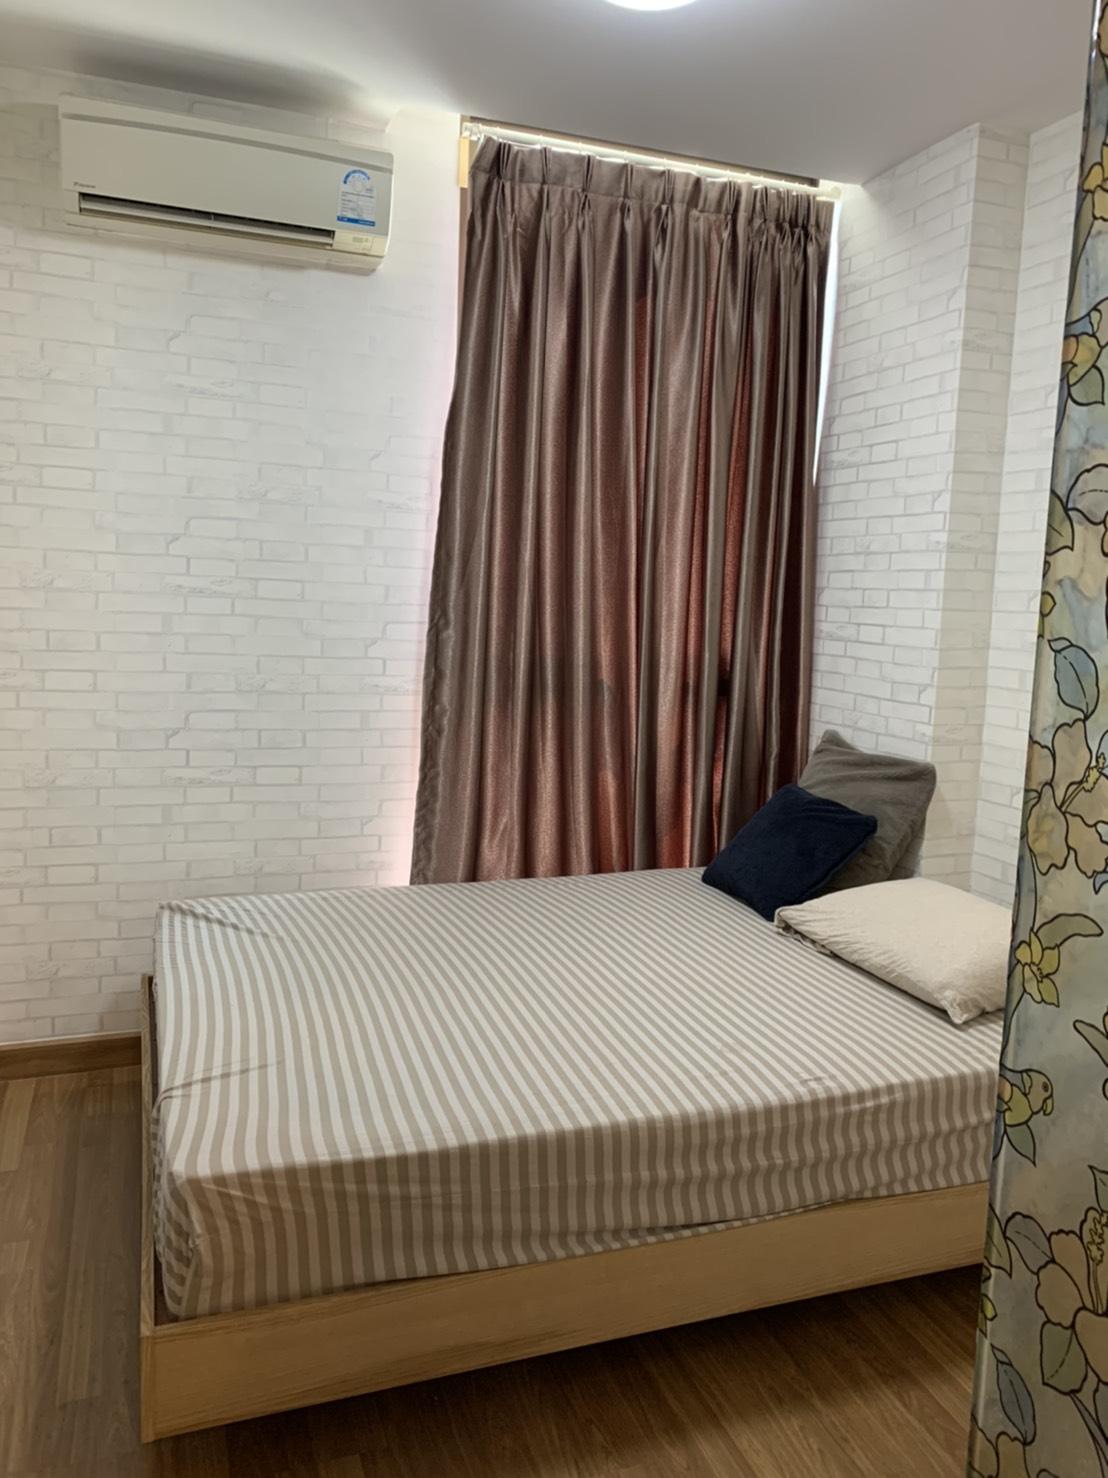 คอนโดให้เช่า ไอดีโอ มิกซ์ สุขุมวิท 103  ซอย สุขุมวิท 101/3  บางนา บางนา 1 ห้องนอน พร้อมอยู่ ราคาถูก